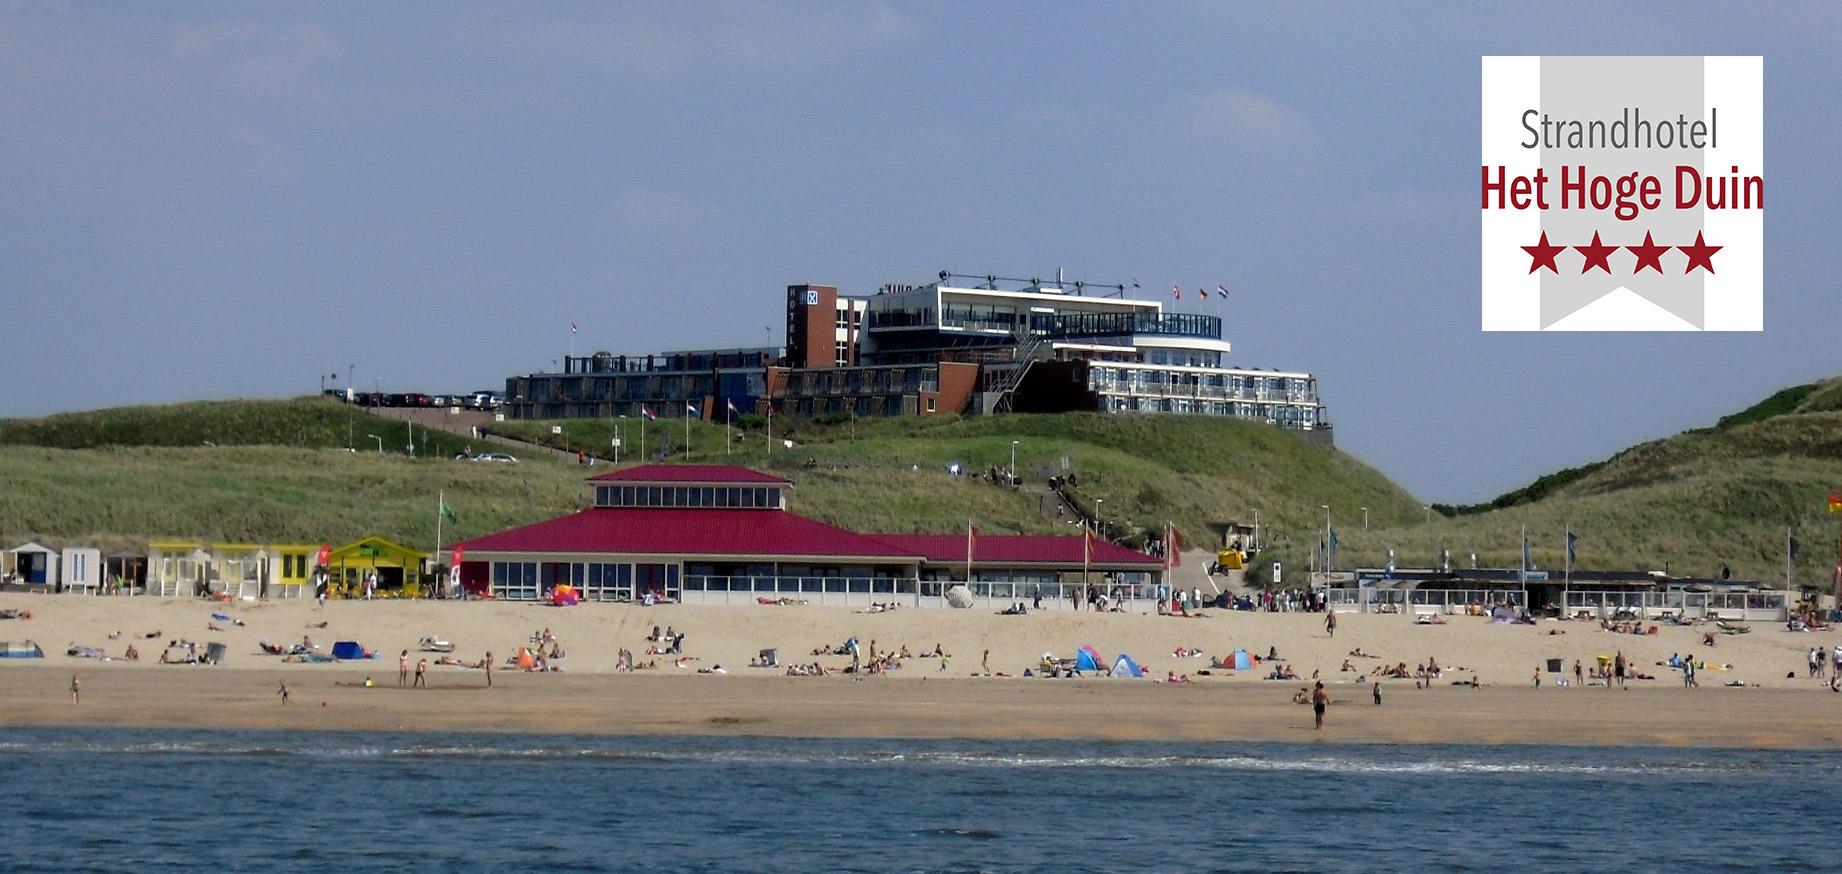 Hotel Het Hoge Duin